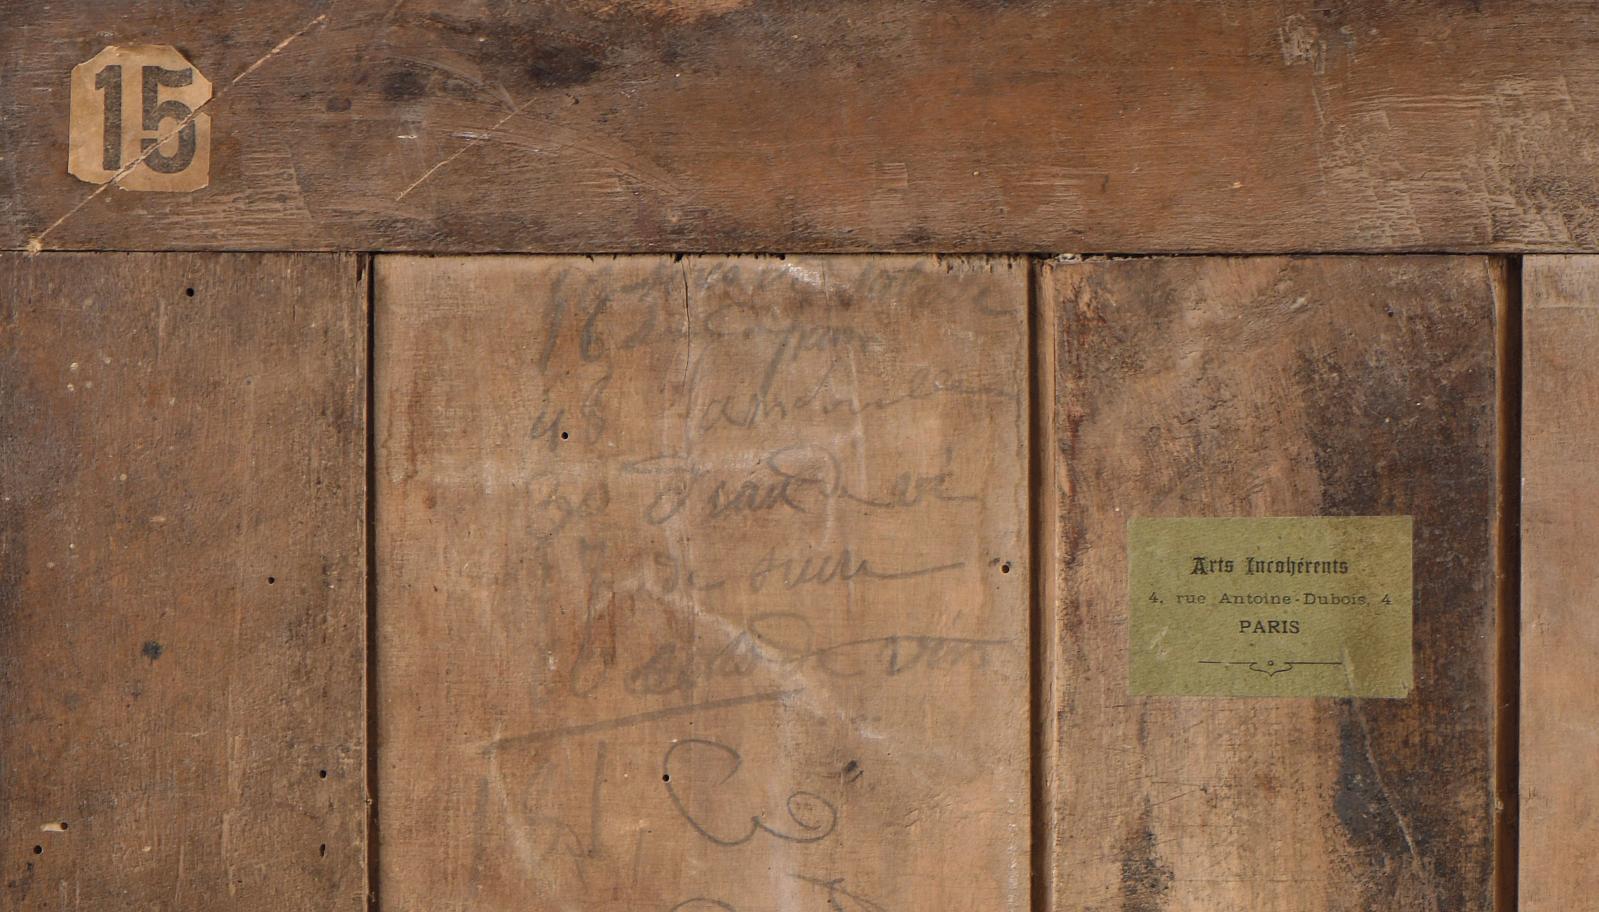 Paul Bilhaud, Combat de Nègres pendant la nuit (détail du revers, fermé par deux panneaux de bois encastrés dans le châssis). © Galerie Jo